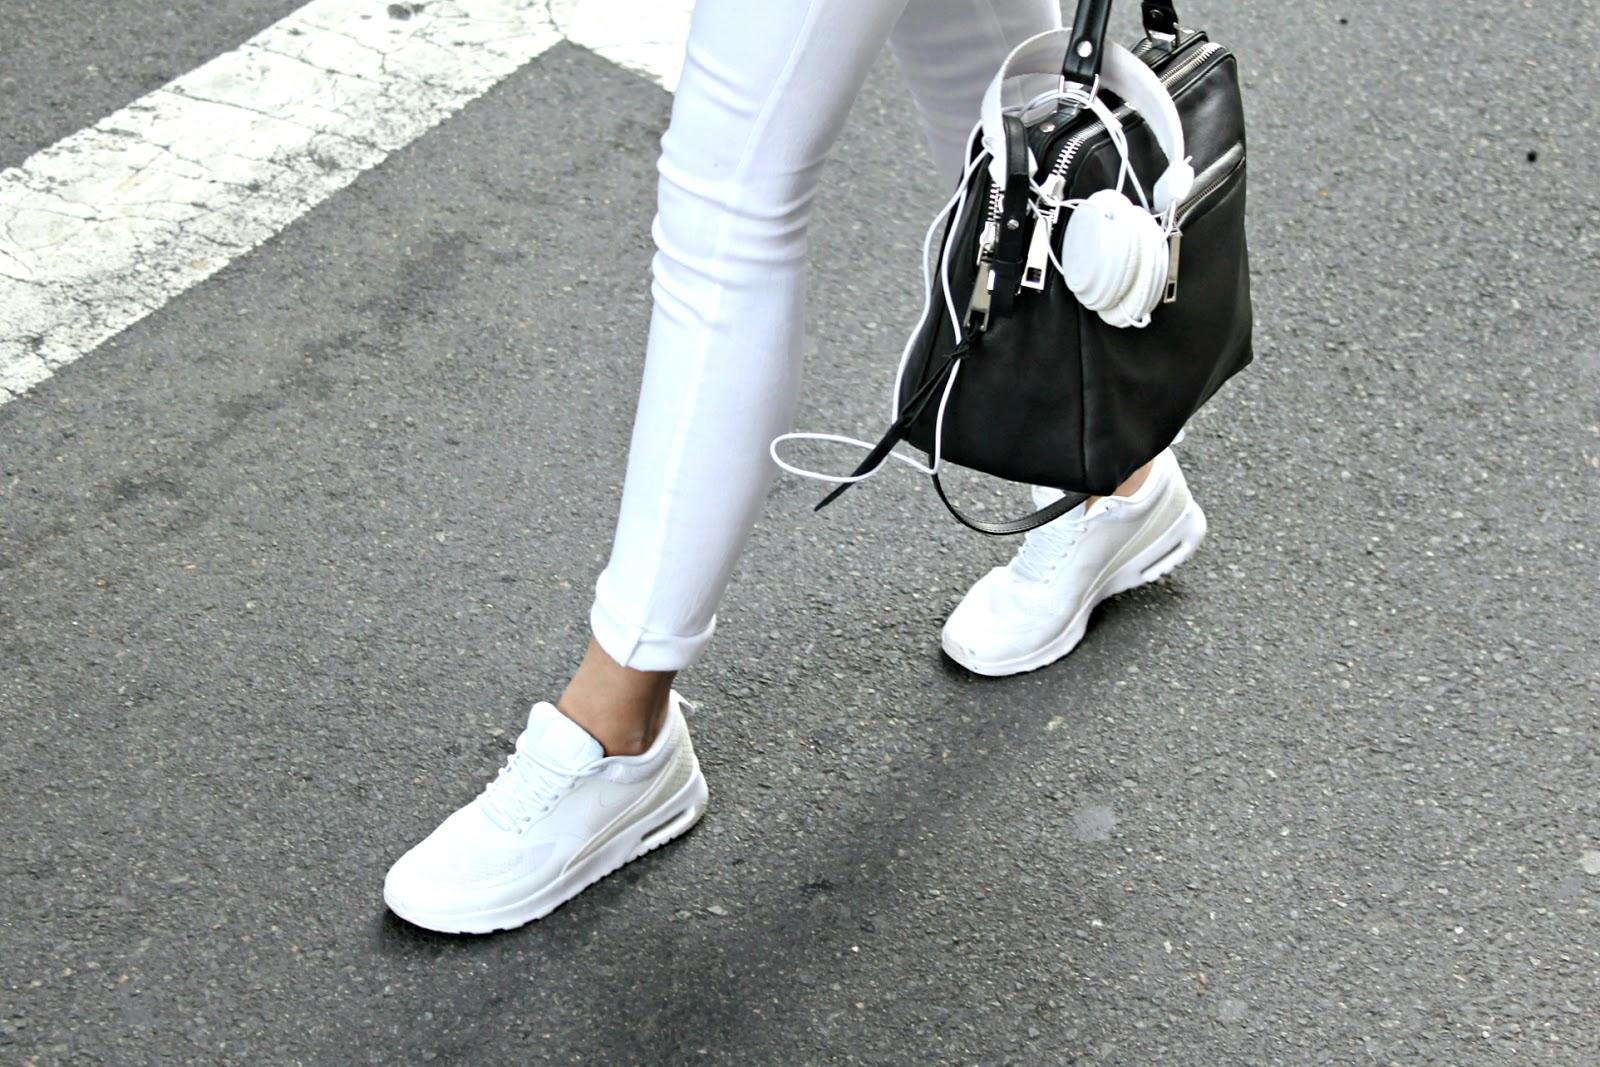 Nike Air Max Vita Outfit